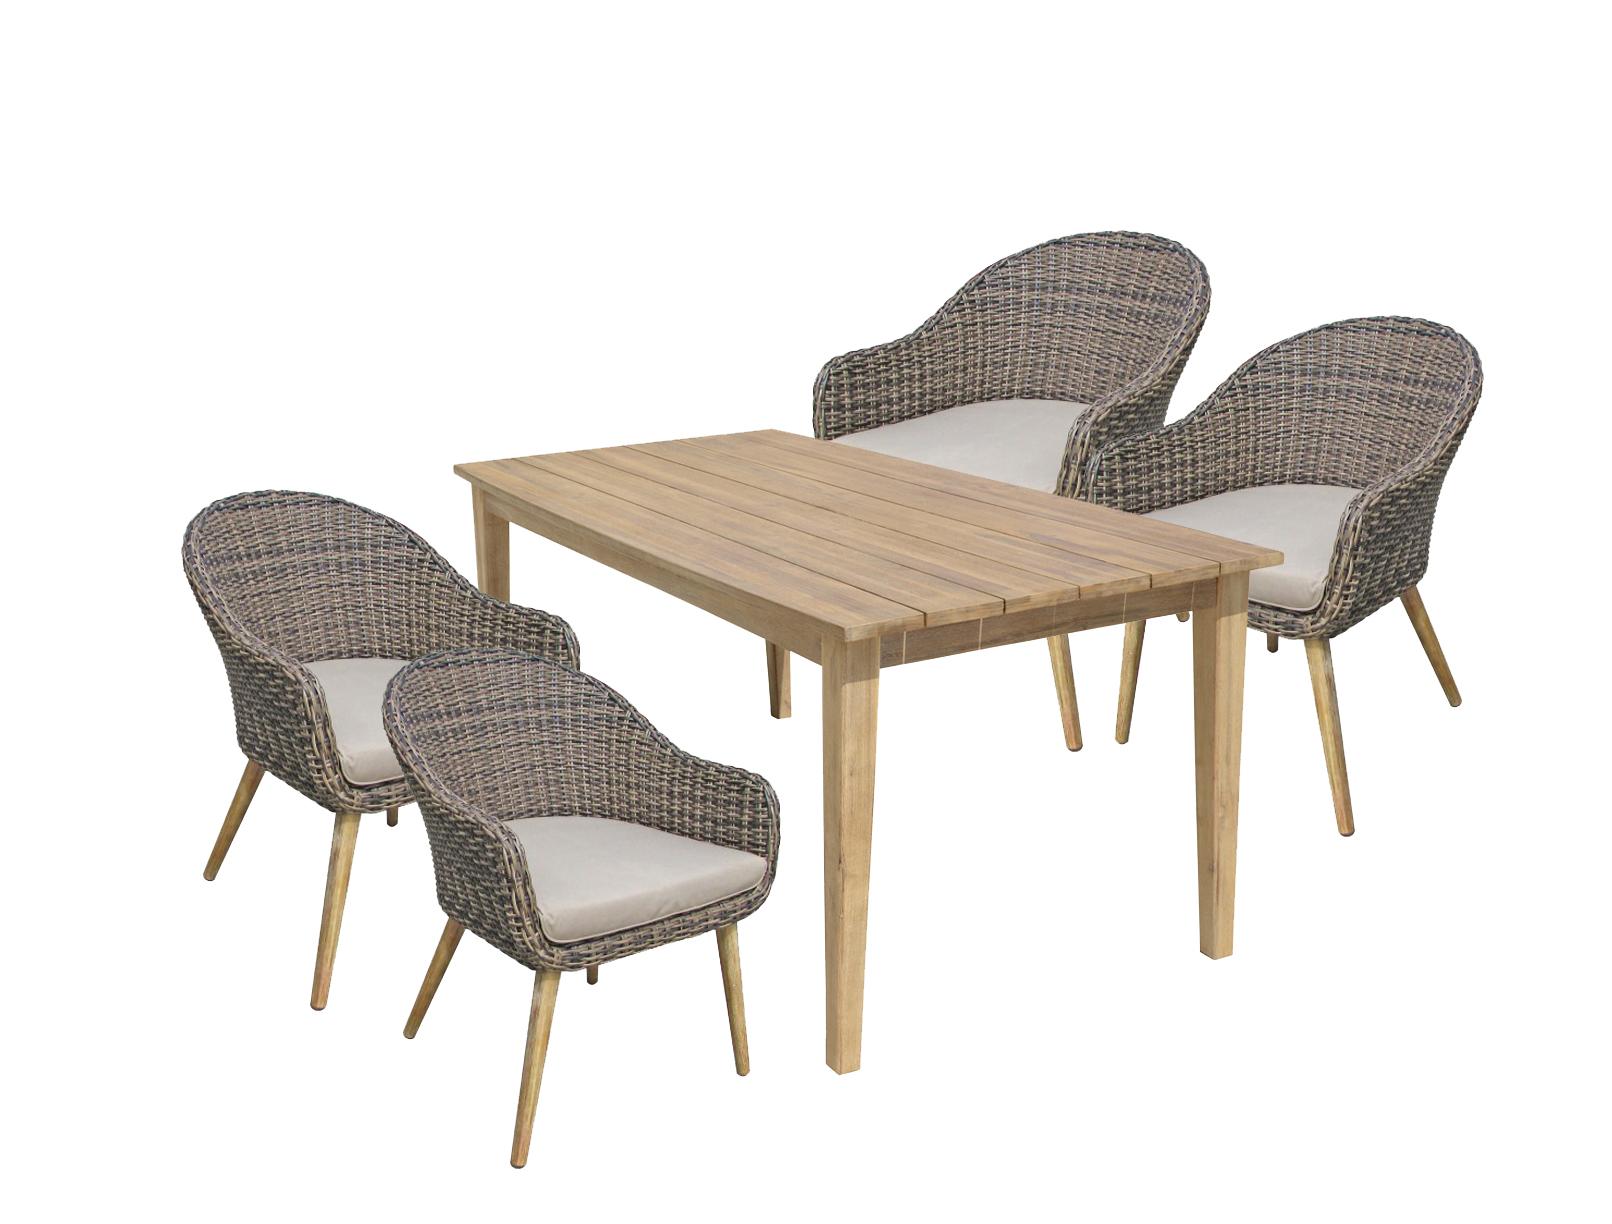 Full Size of Esstisch Stühle 9tlg Garten Tischgruppe Stuhl Sthle Akazie Rattan Optik 120x80 Bogenlampe Runder Ausziehbar Weiß Runde Esstische Ovaler Pendelleuchte Esstische Esstisch Stühle